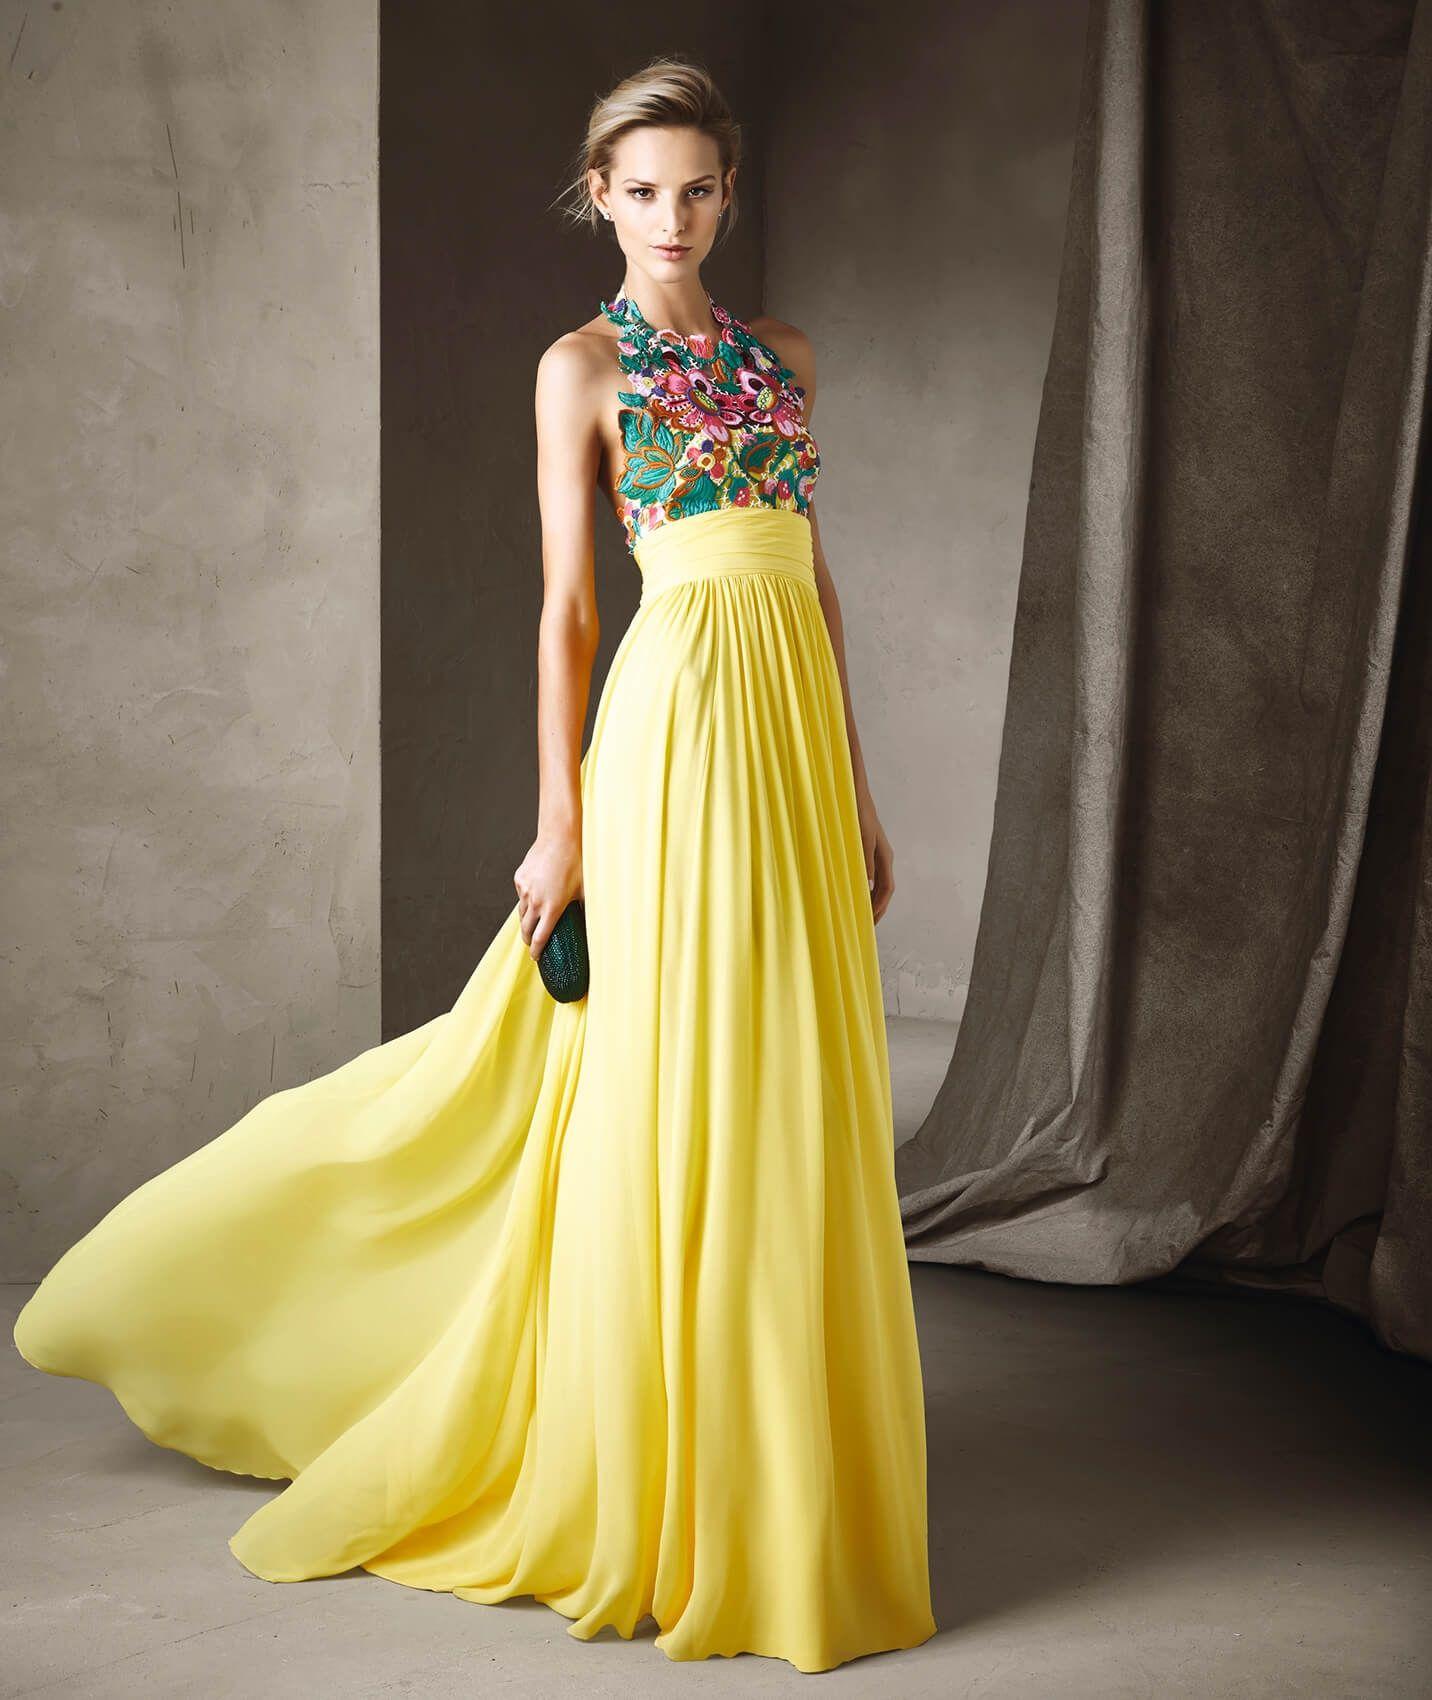 3c1f8cb384773 Abiti da cerimonia gialli lunghi – Modelli alla moda di abiti 2018